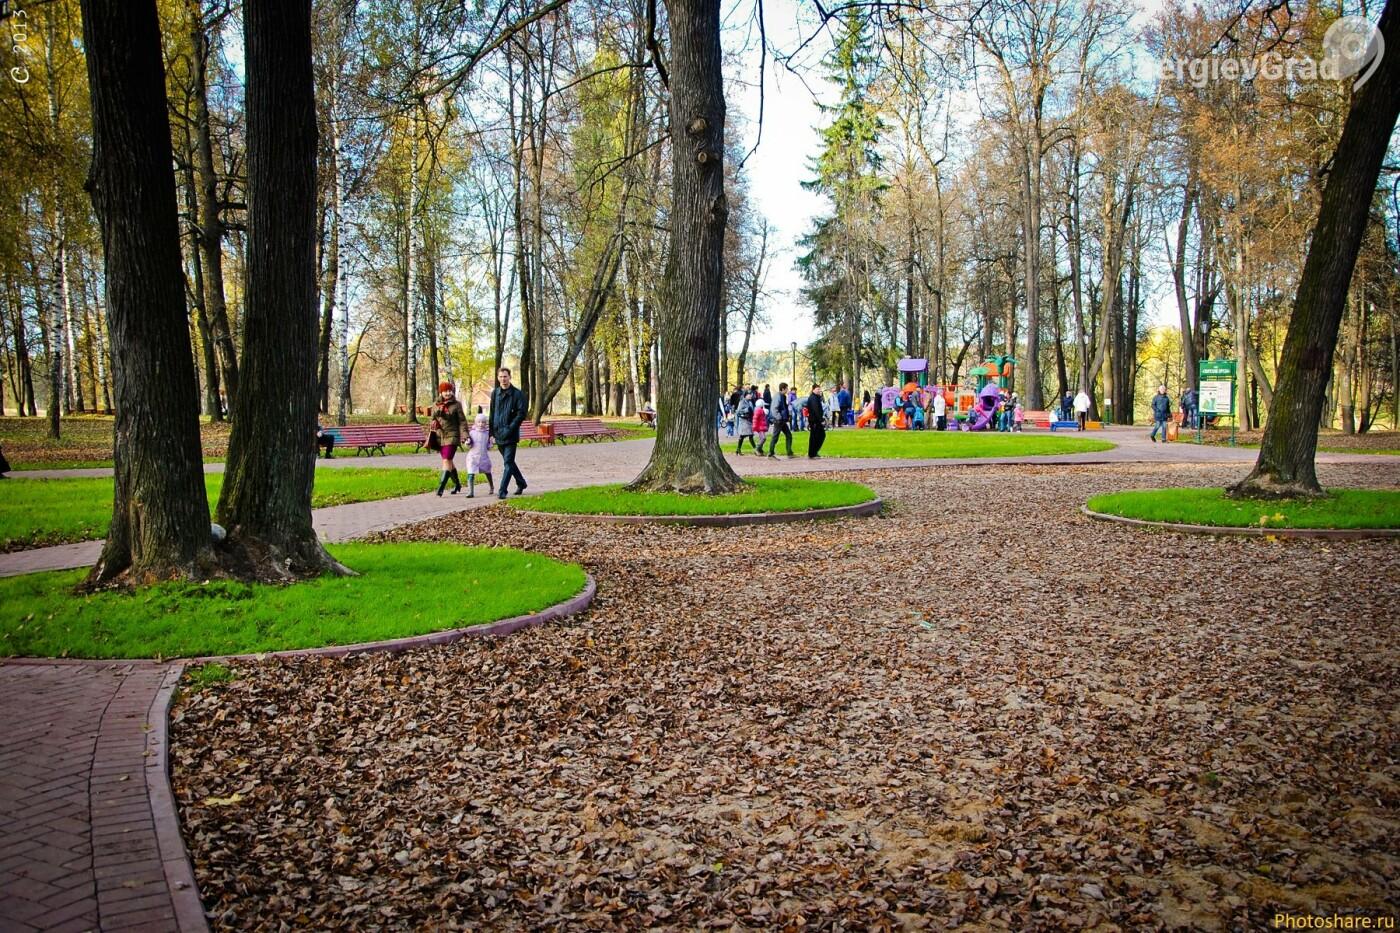 Главный и заслуженно любимый местными жителями и туристами парк Сергиева Посада, фото-1